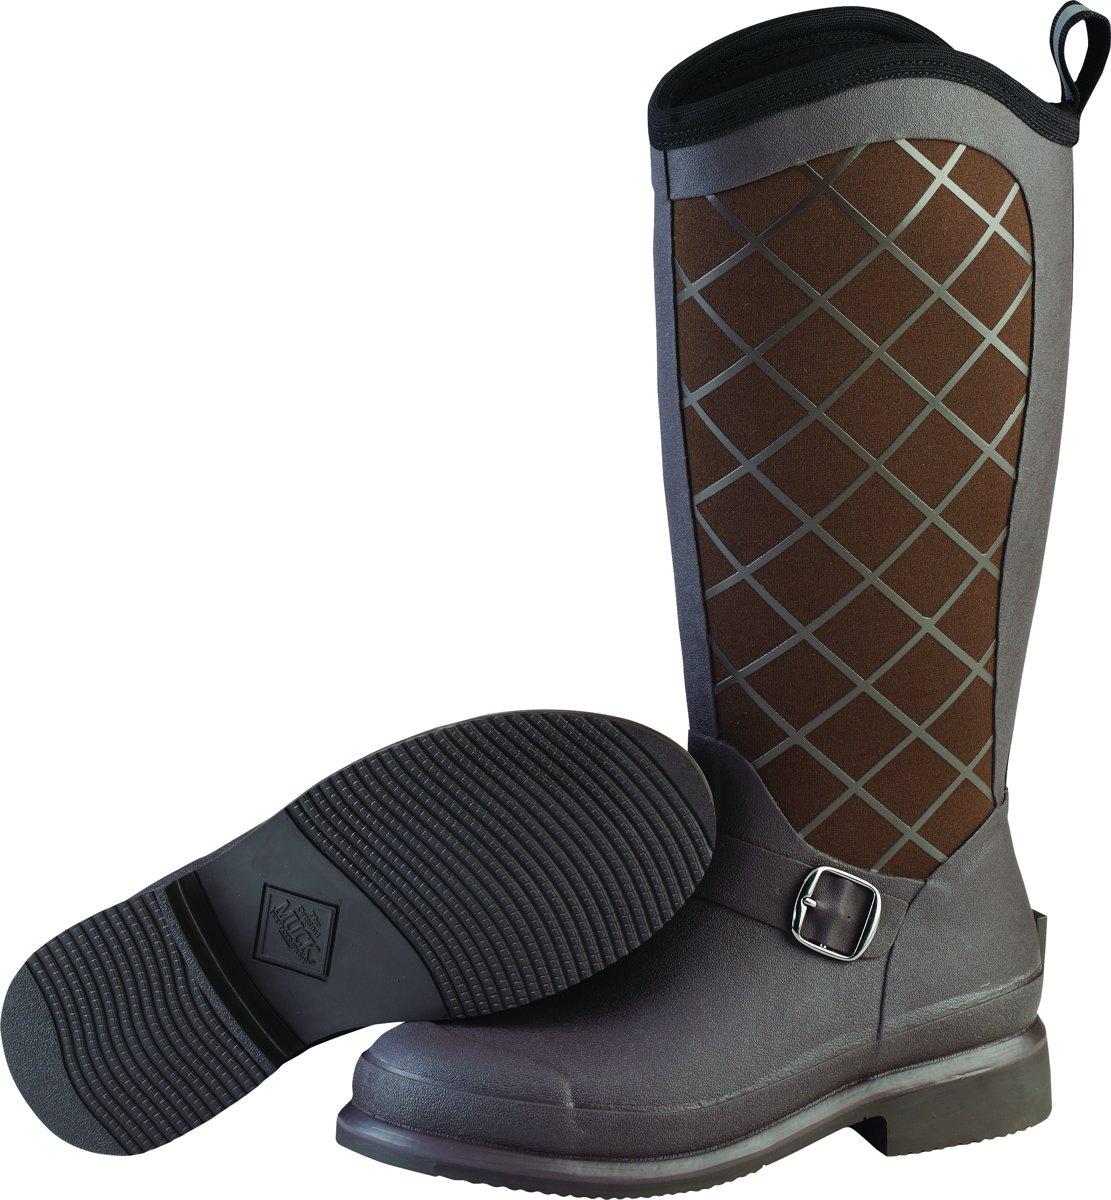 Muck Boot Pacy II Rijlaarzen - Bruin - Dames - Maat 42